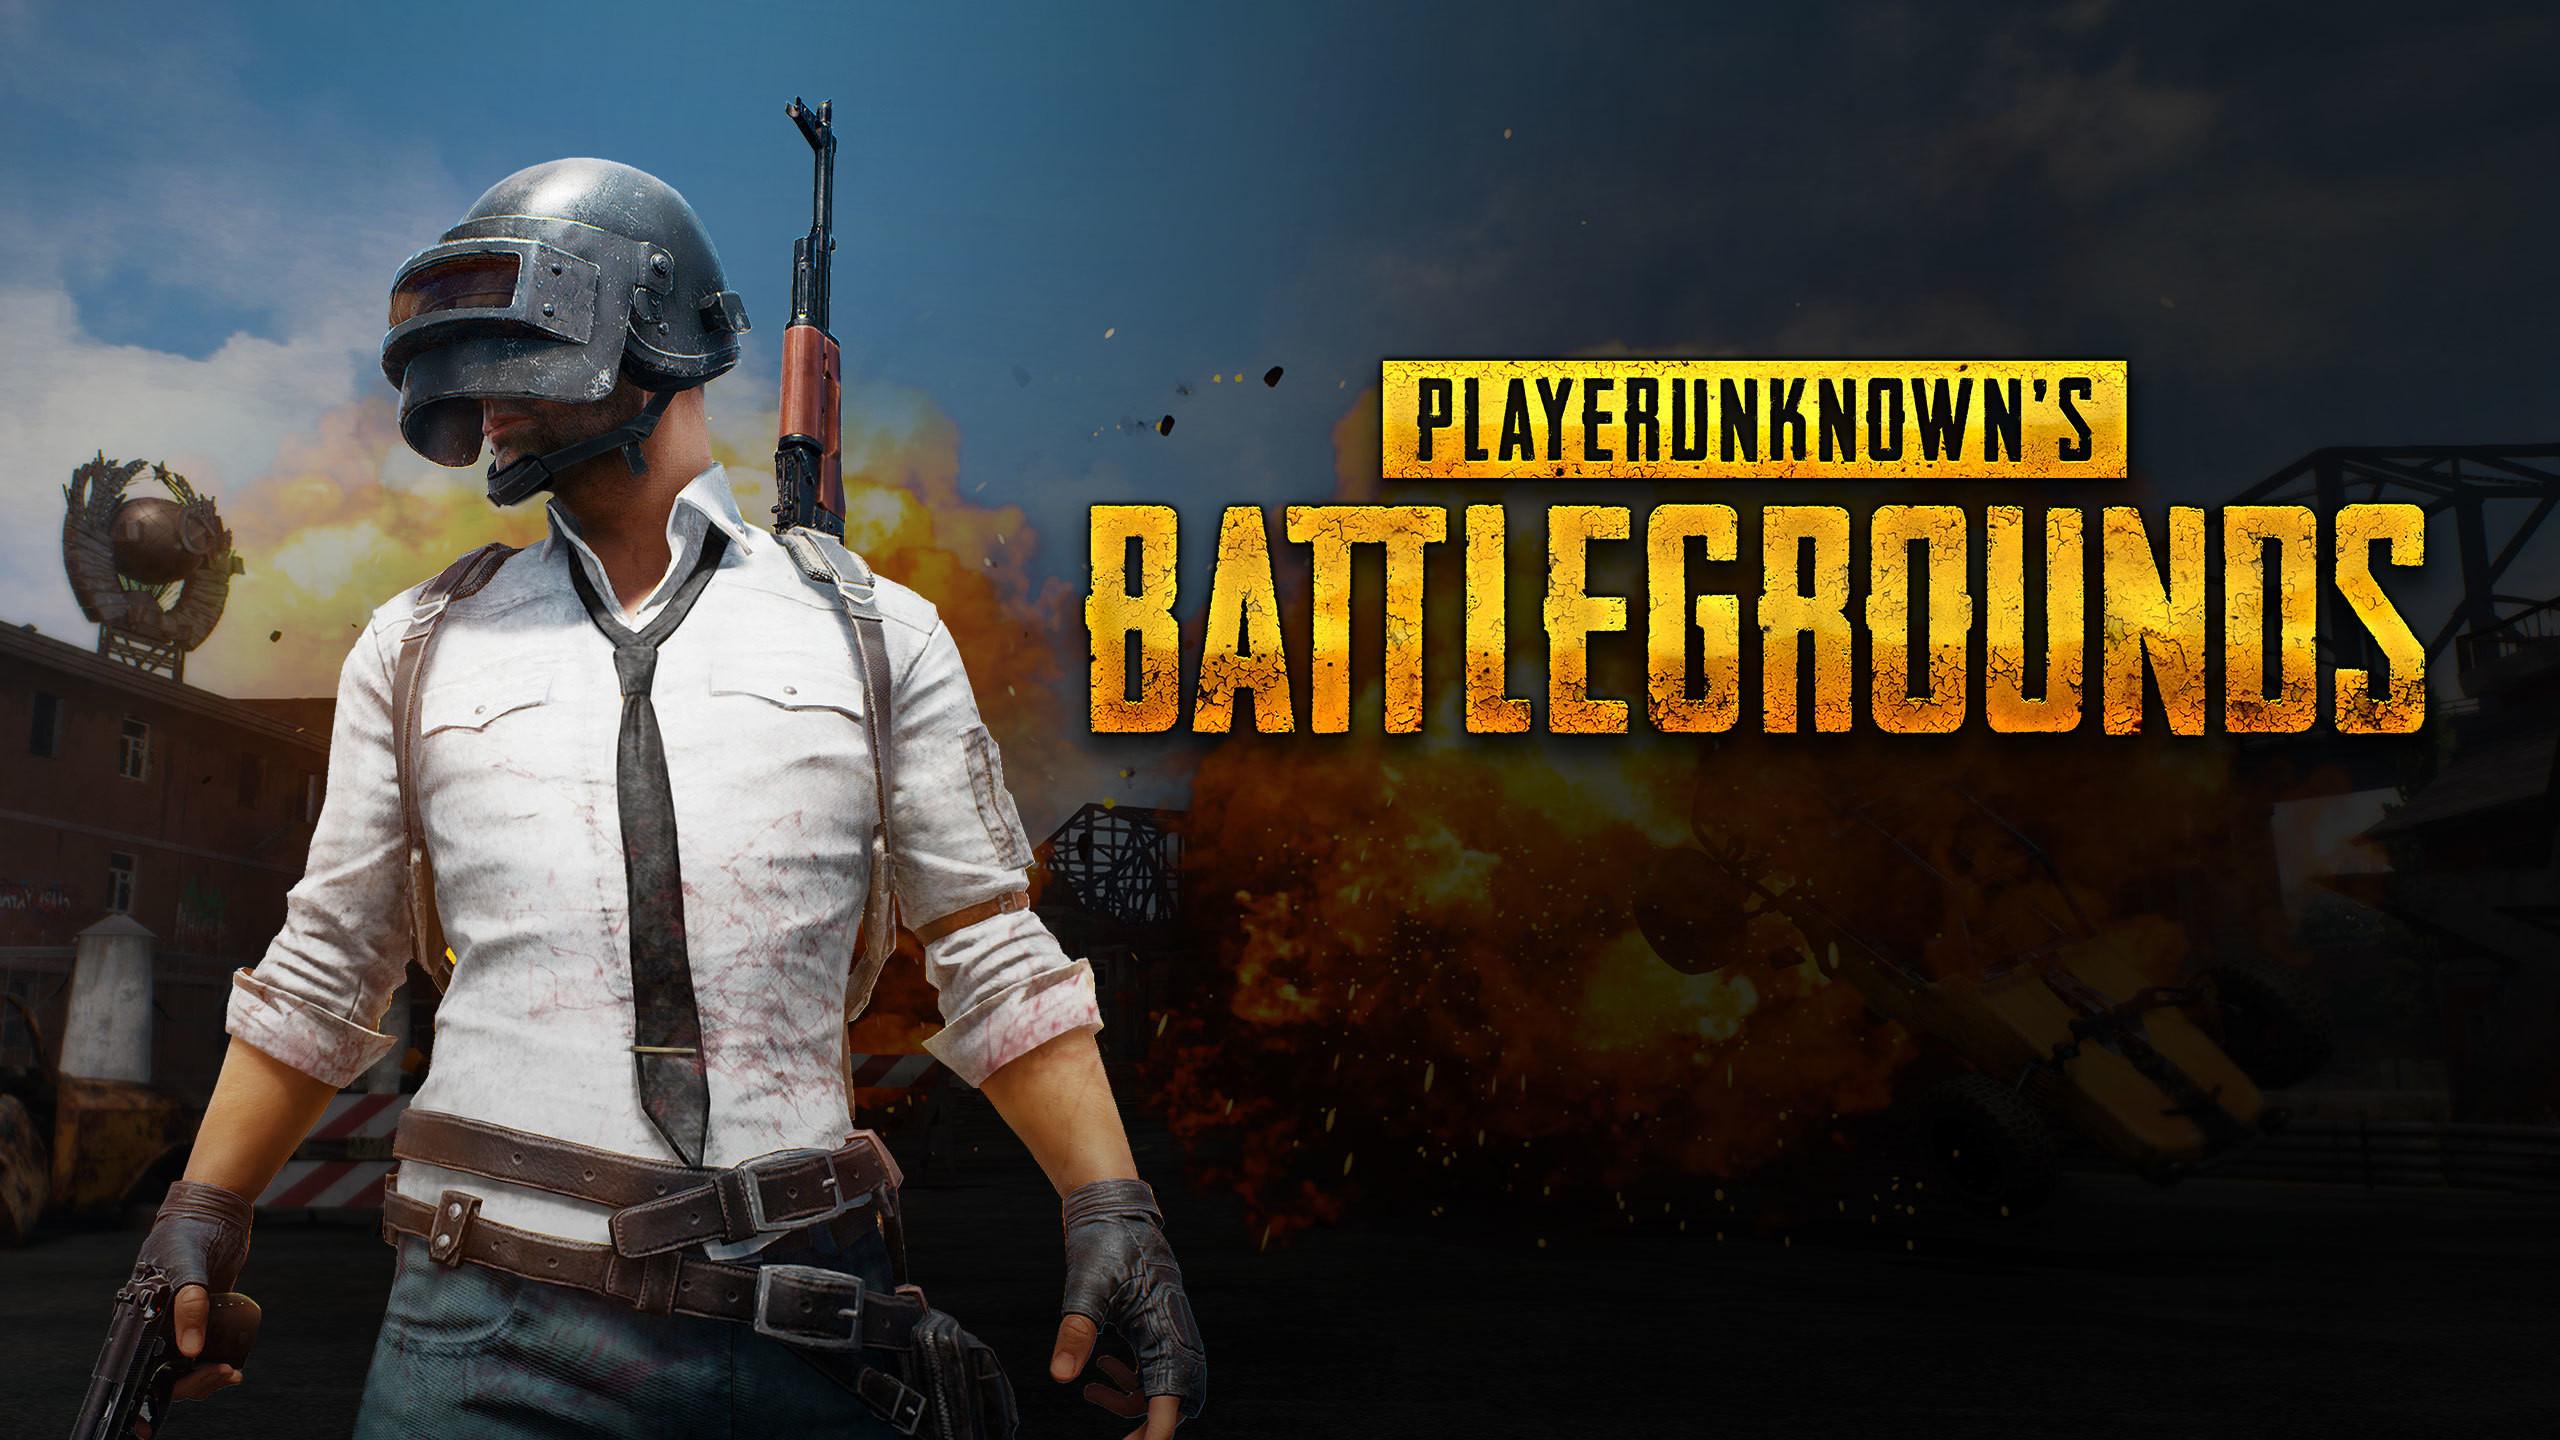 एउटा अनलाइन गेम, जसका छन् दैनिक करोडौं खेलाडी